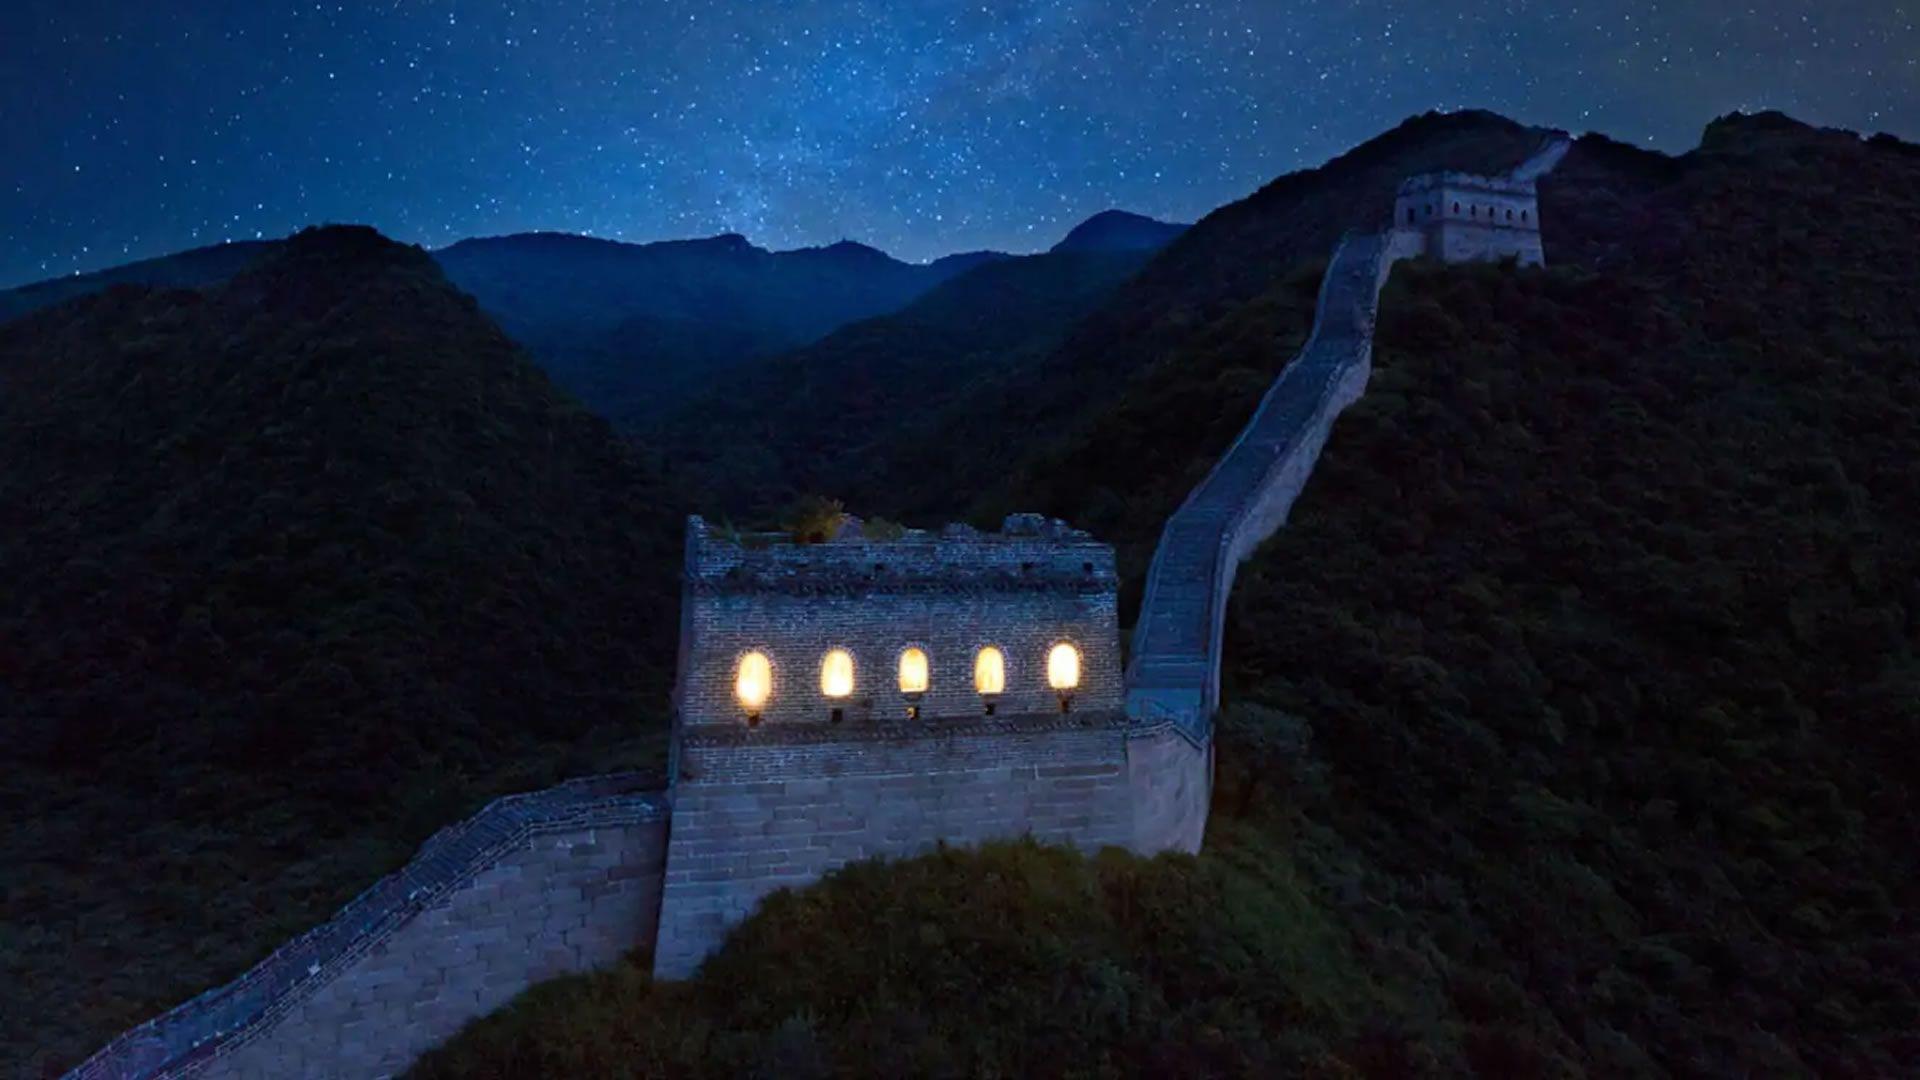 Podemos dormir en la Gran Muralla China por única vez. ¿Cómo participar?